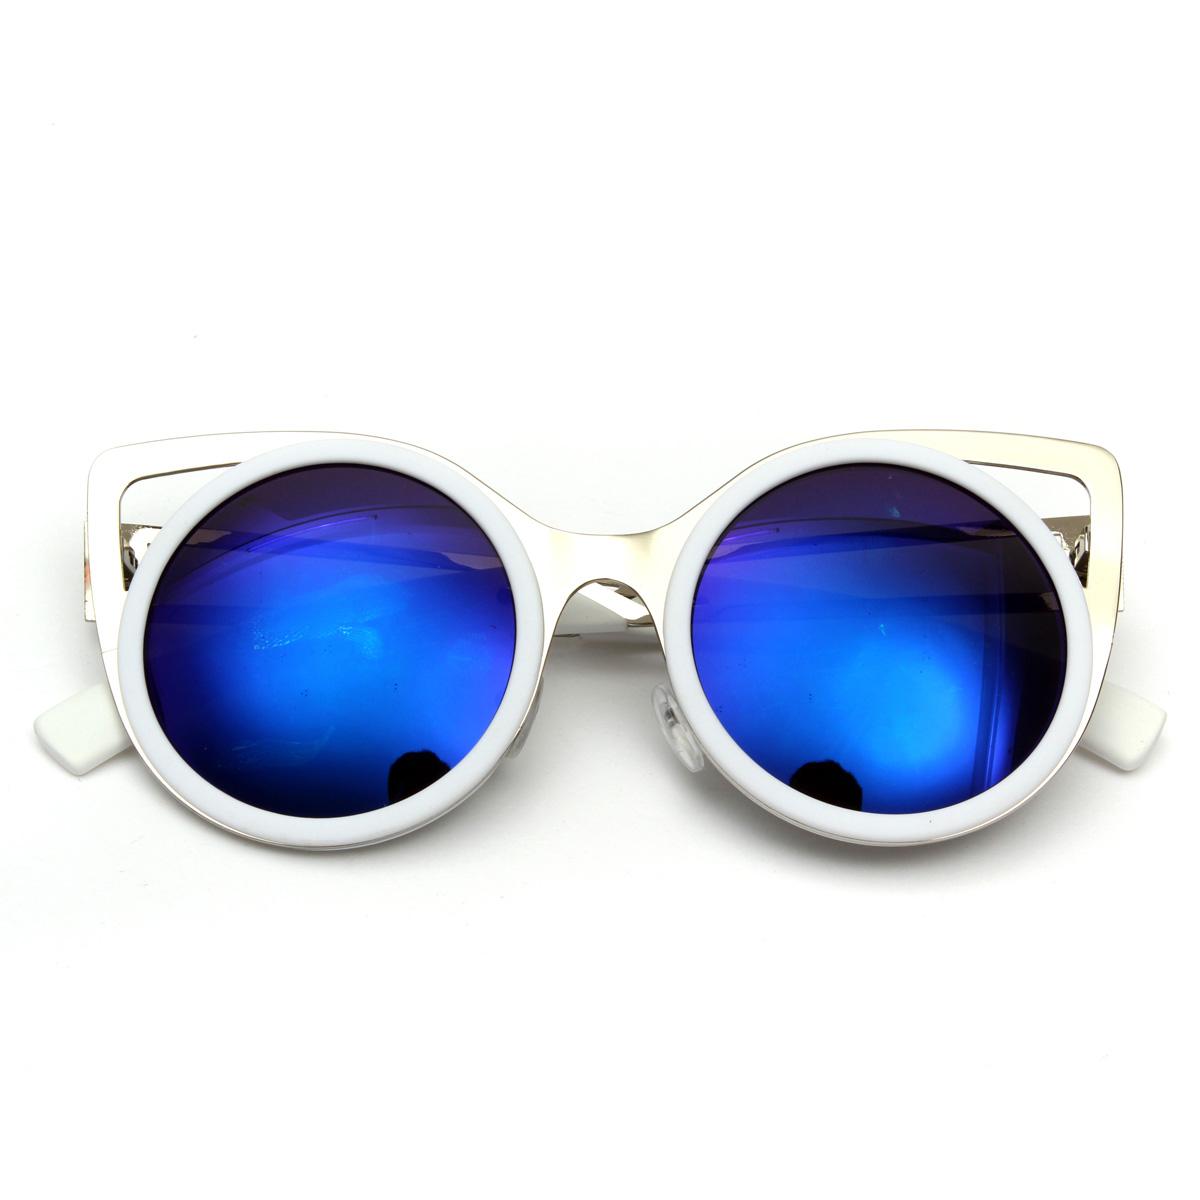 damen bunte sonnenbrille retro brille verspiegelt katze style nerd brillen uv400 ebay. Black Bedroom Furniture Sets. Home Design Ideas